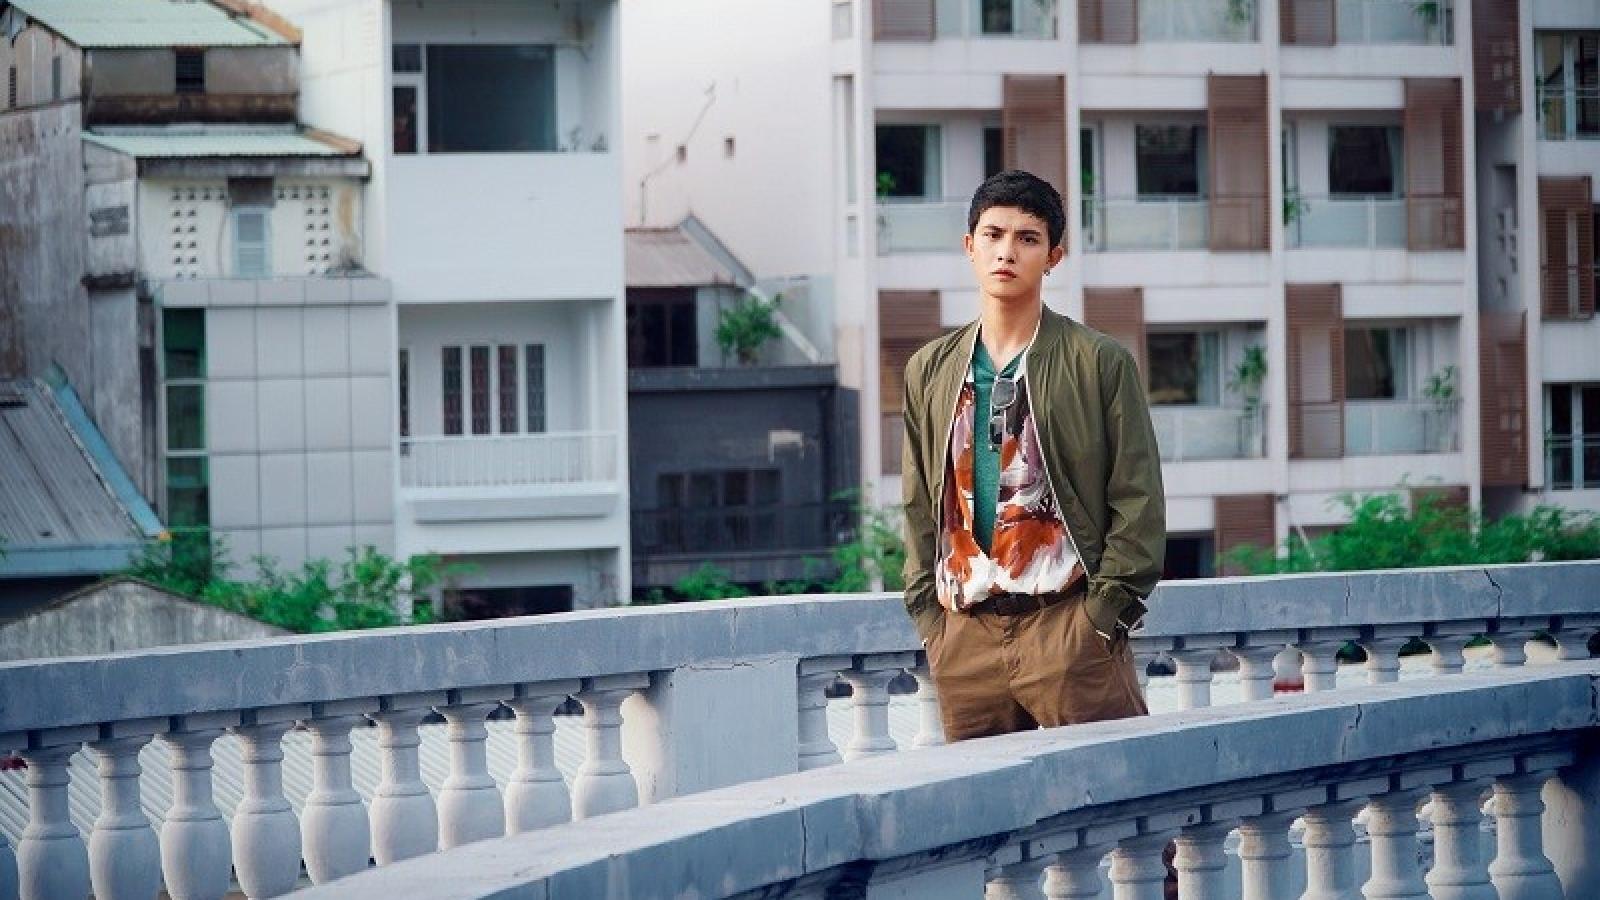 Trần Ngọc Vàng - Nam chính điển trai trong phim mới của Charlie Nguyễn